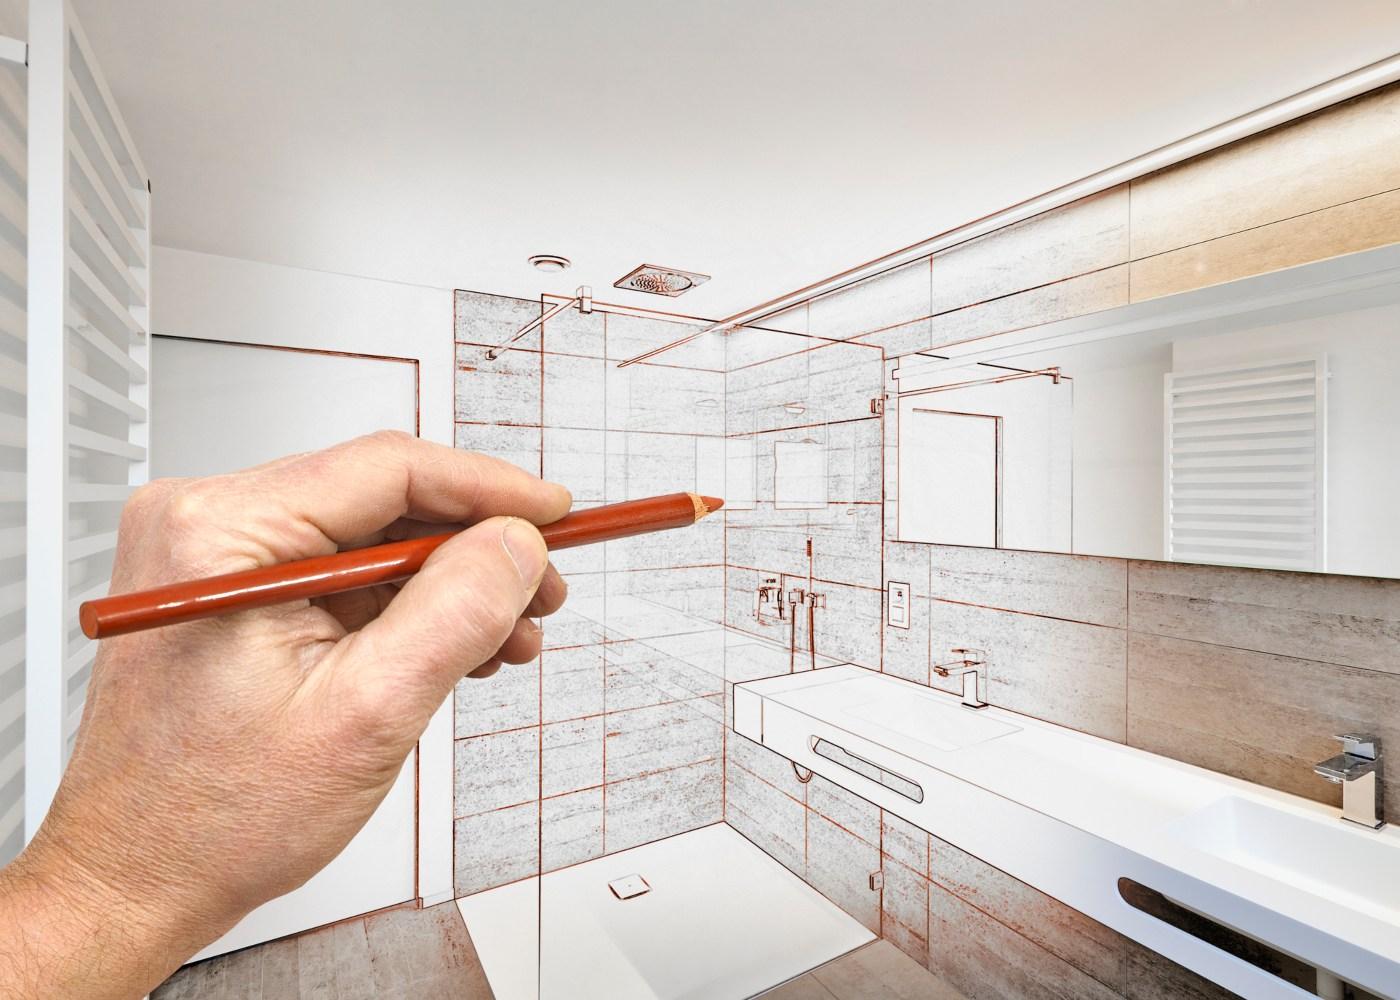 desenho de uma nova casa de banho